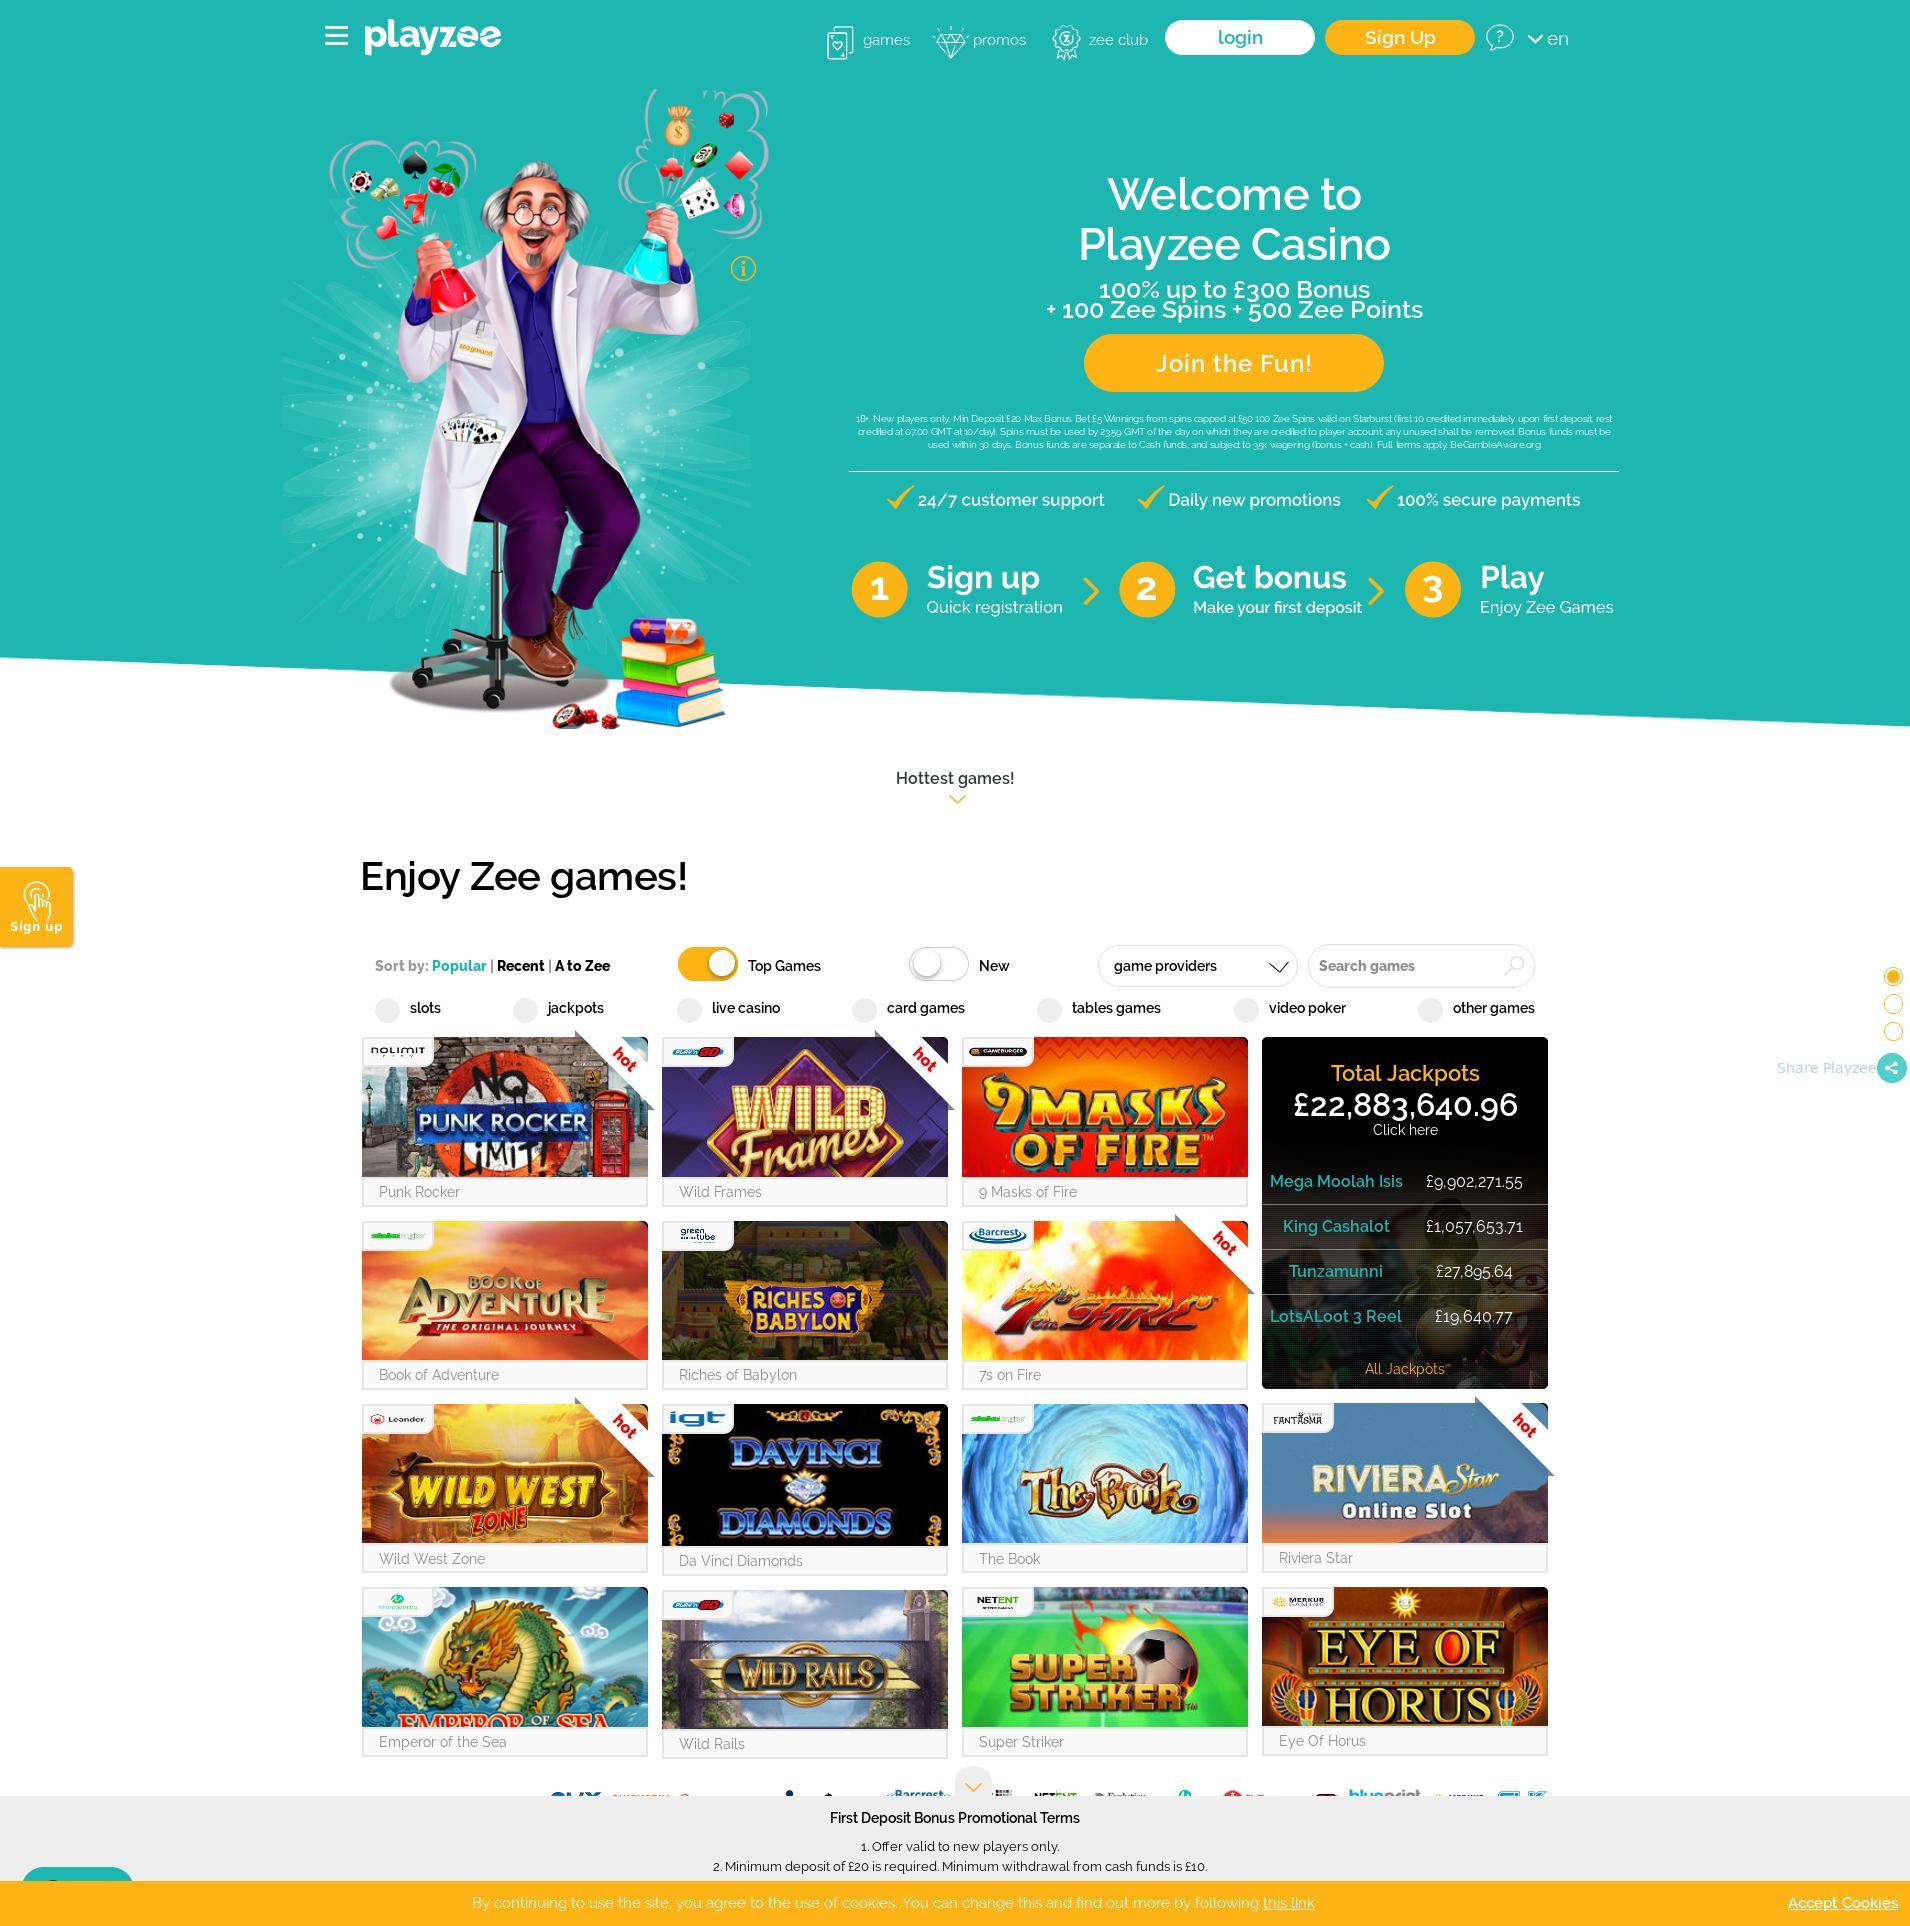 Casino Bildschirm Lobby 2020-05-24 zum Großbritannien